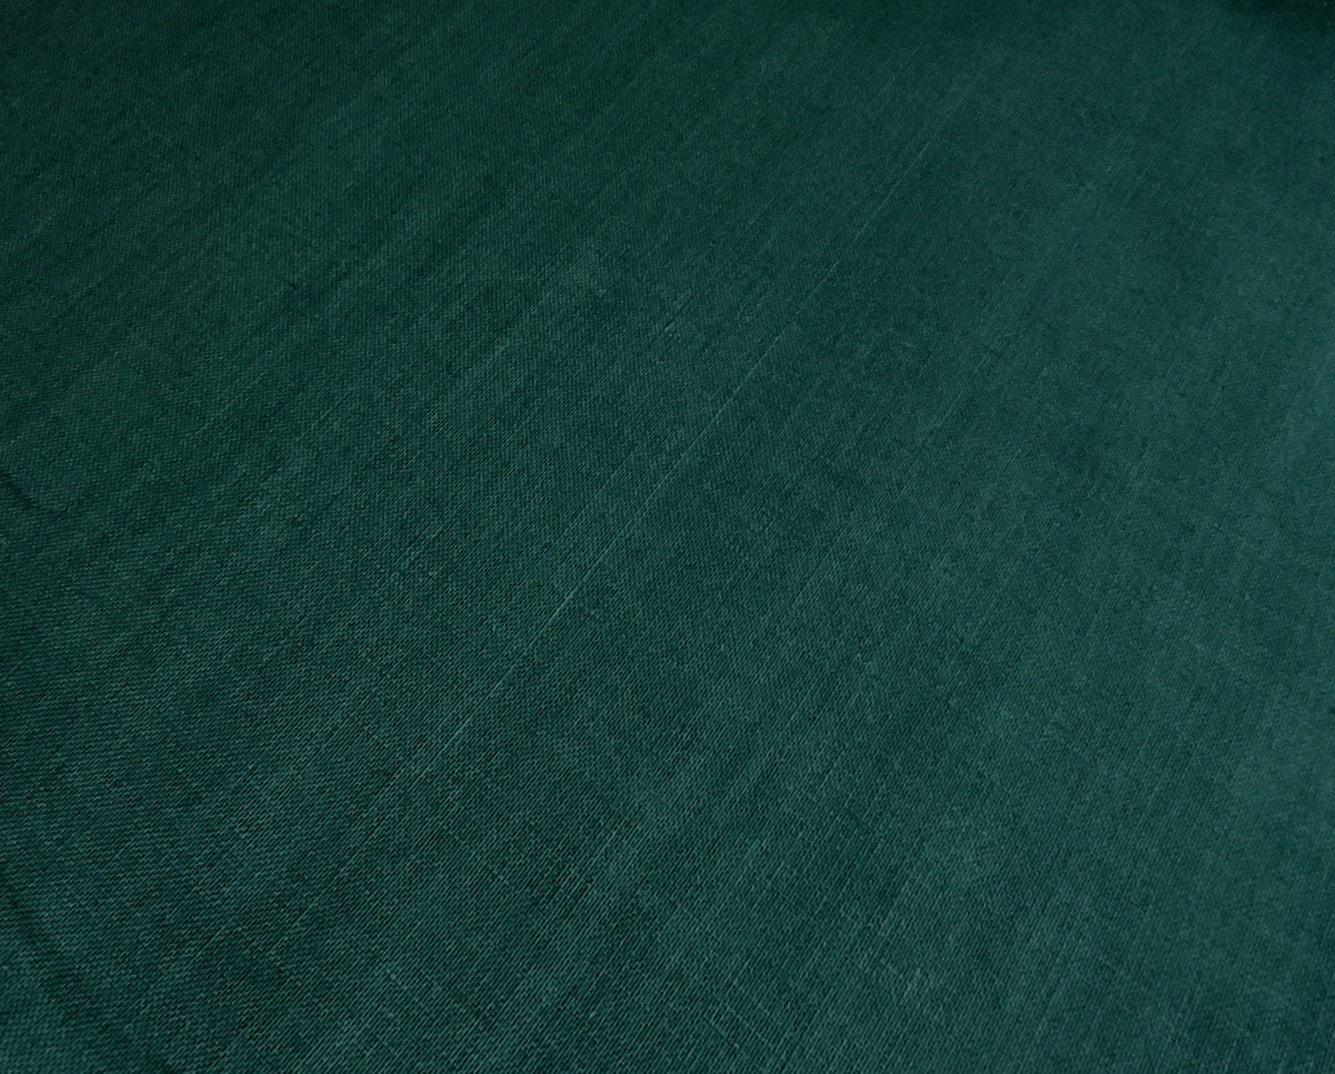 verde-xmas